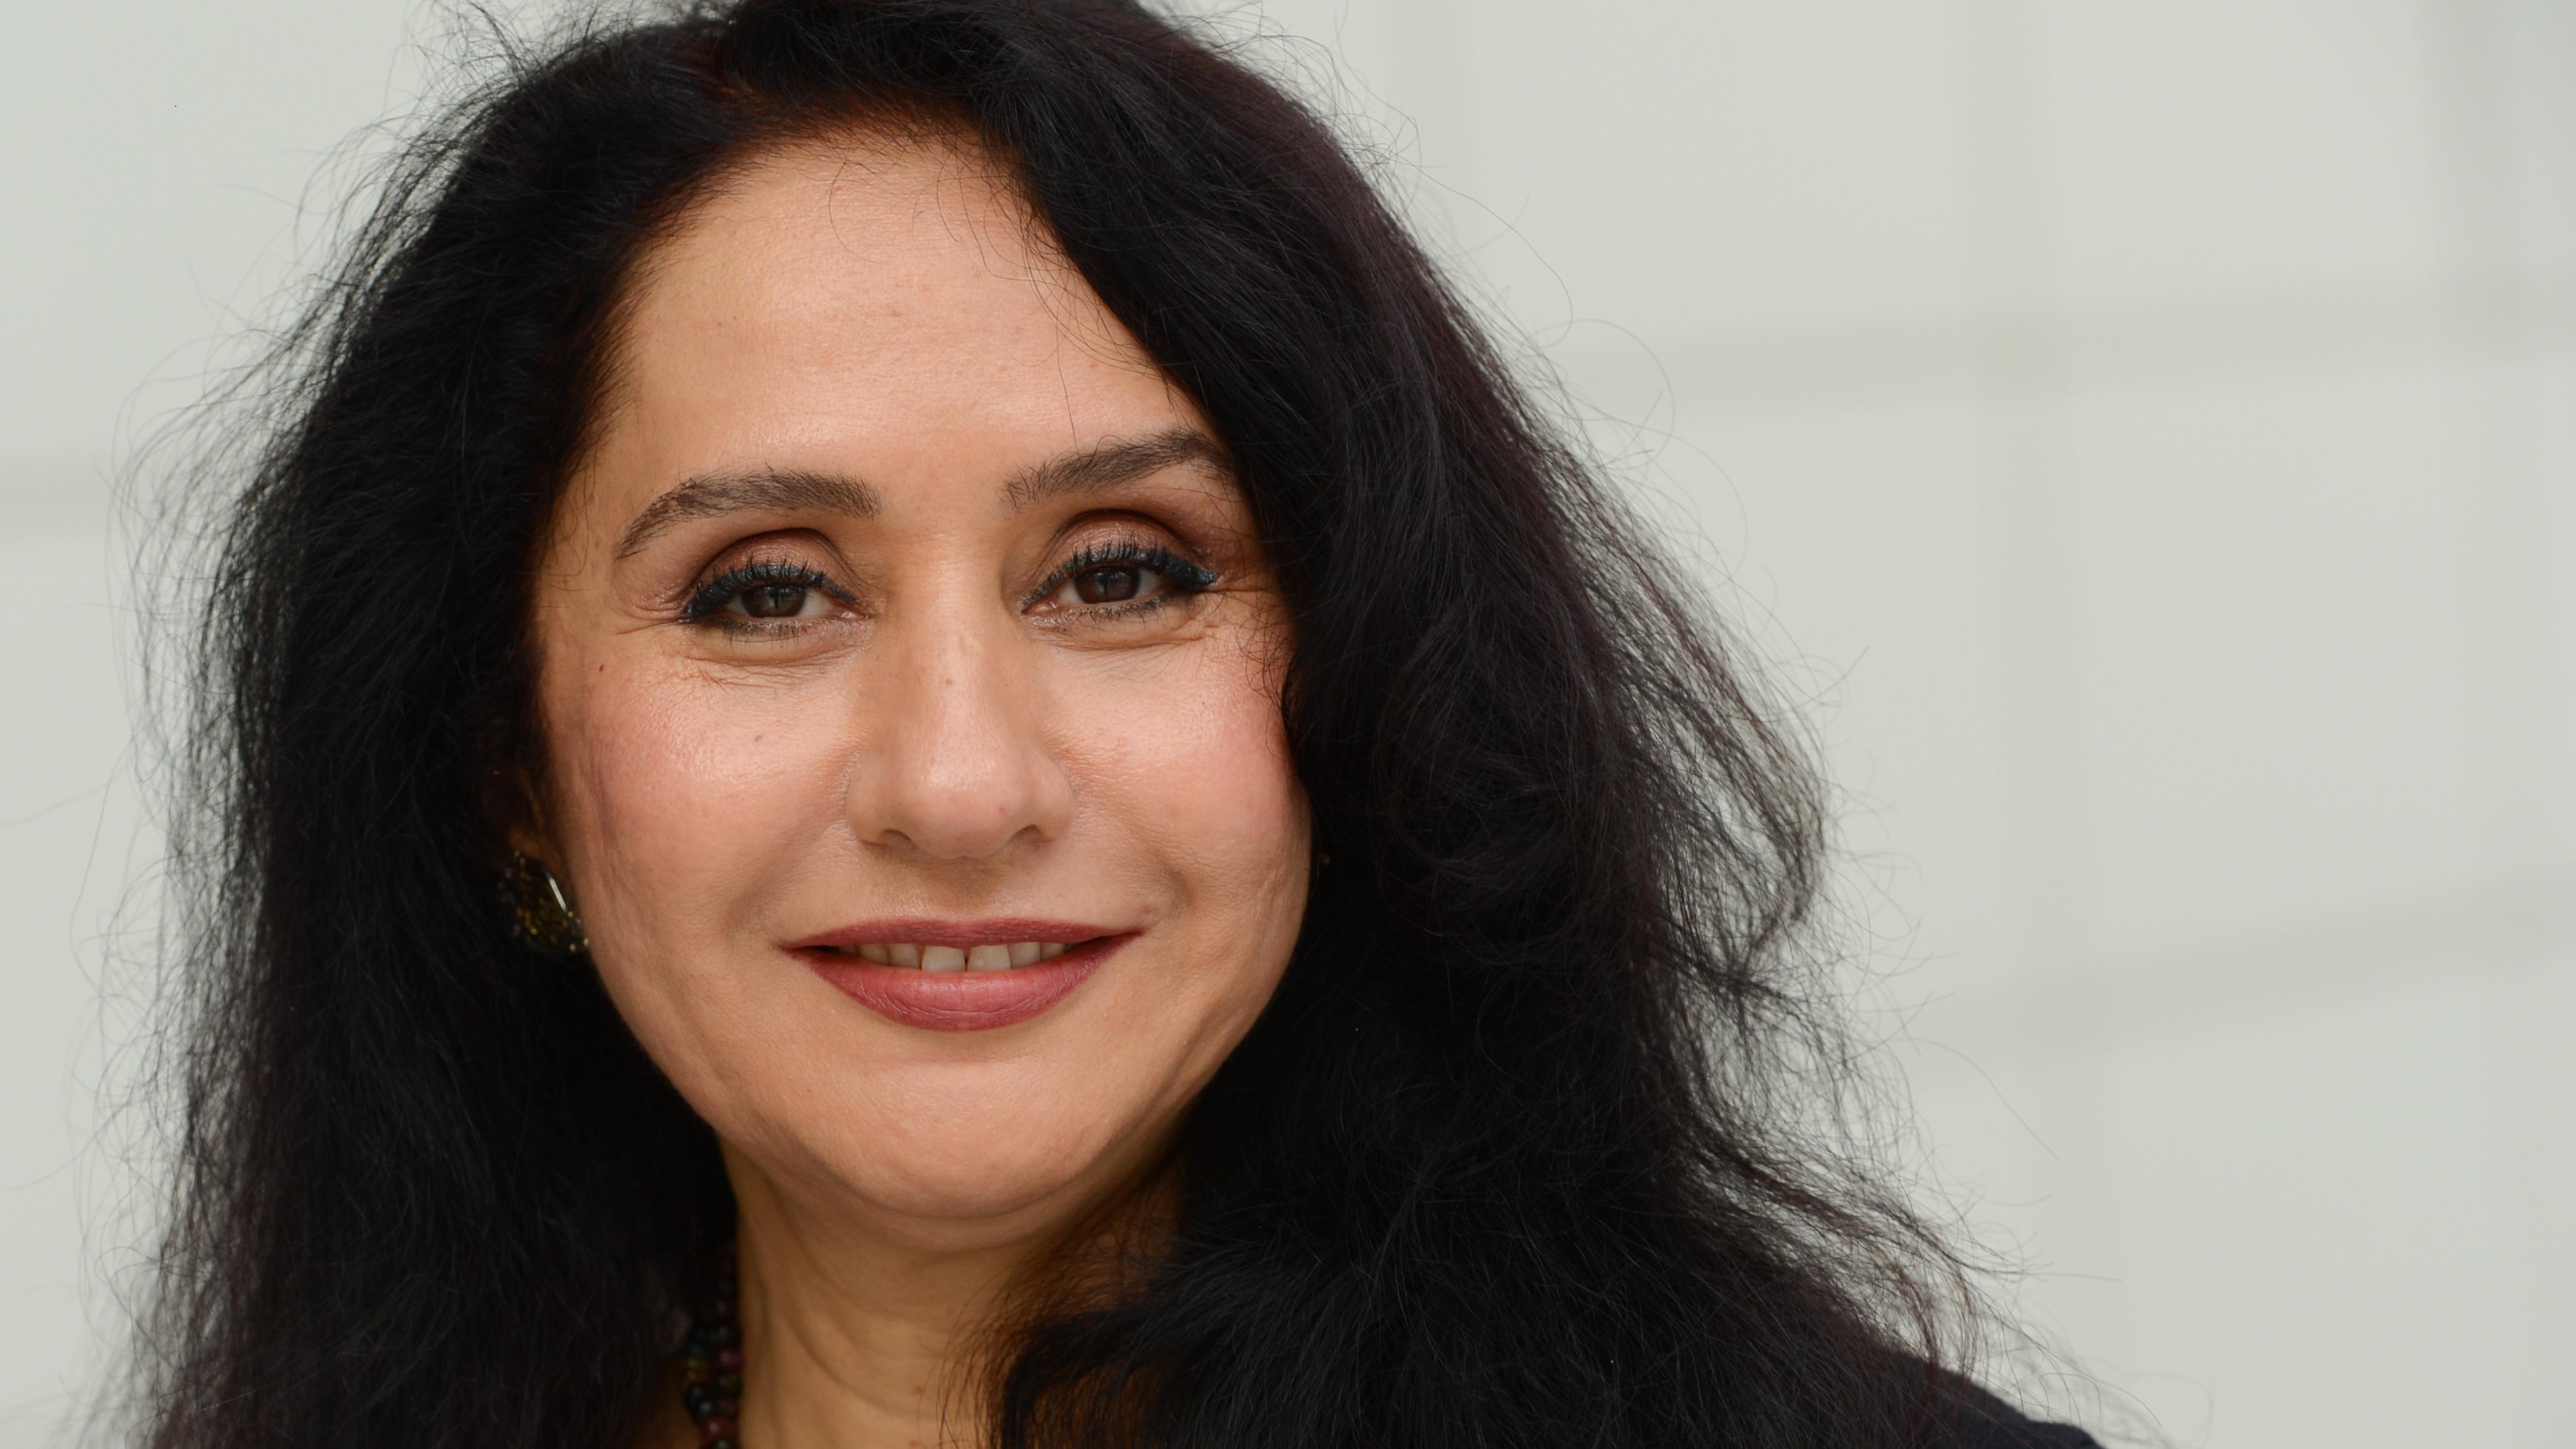 Schriftstellerin Raja Alem aus Mekka lächelt in die Kamera